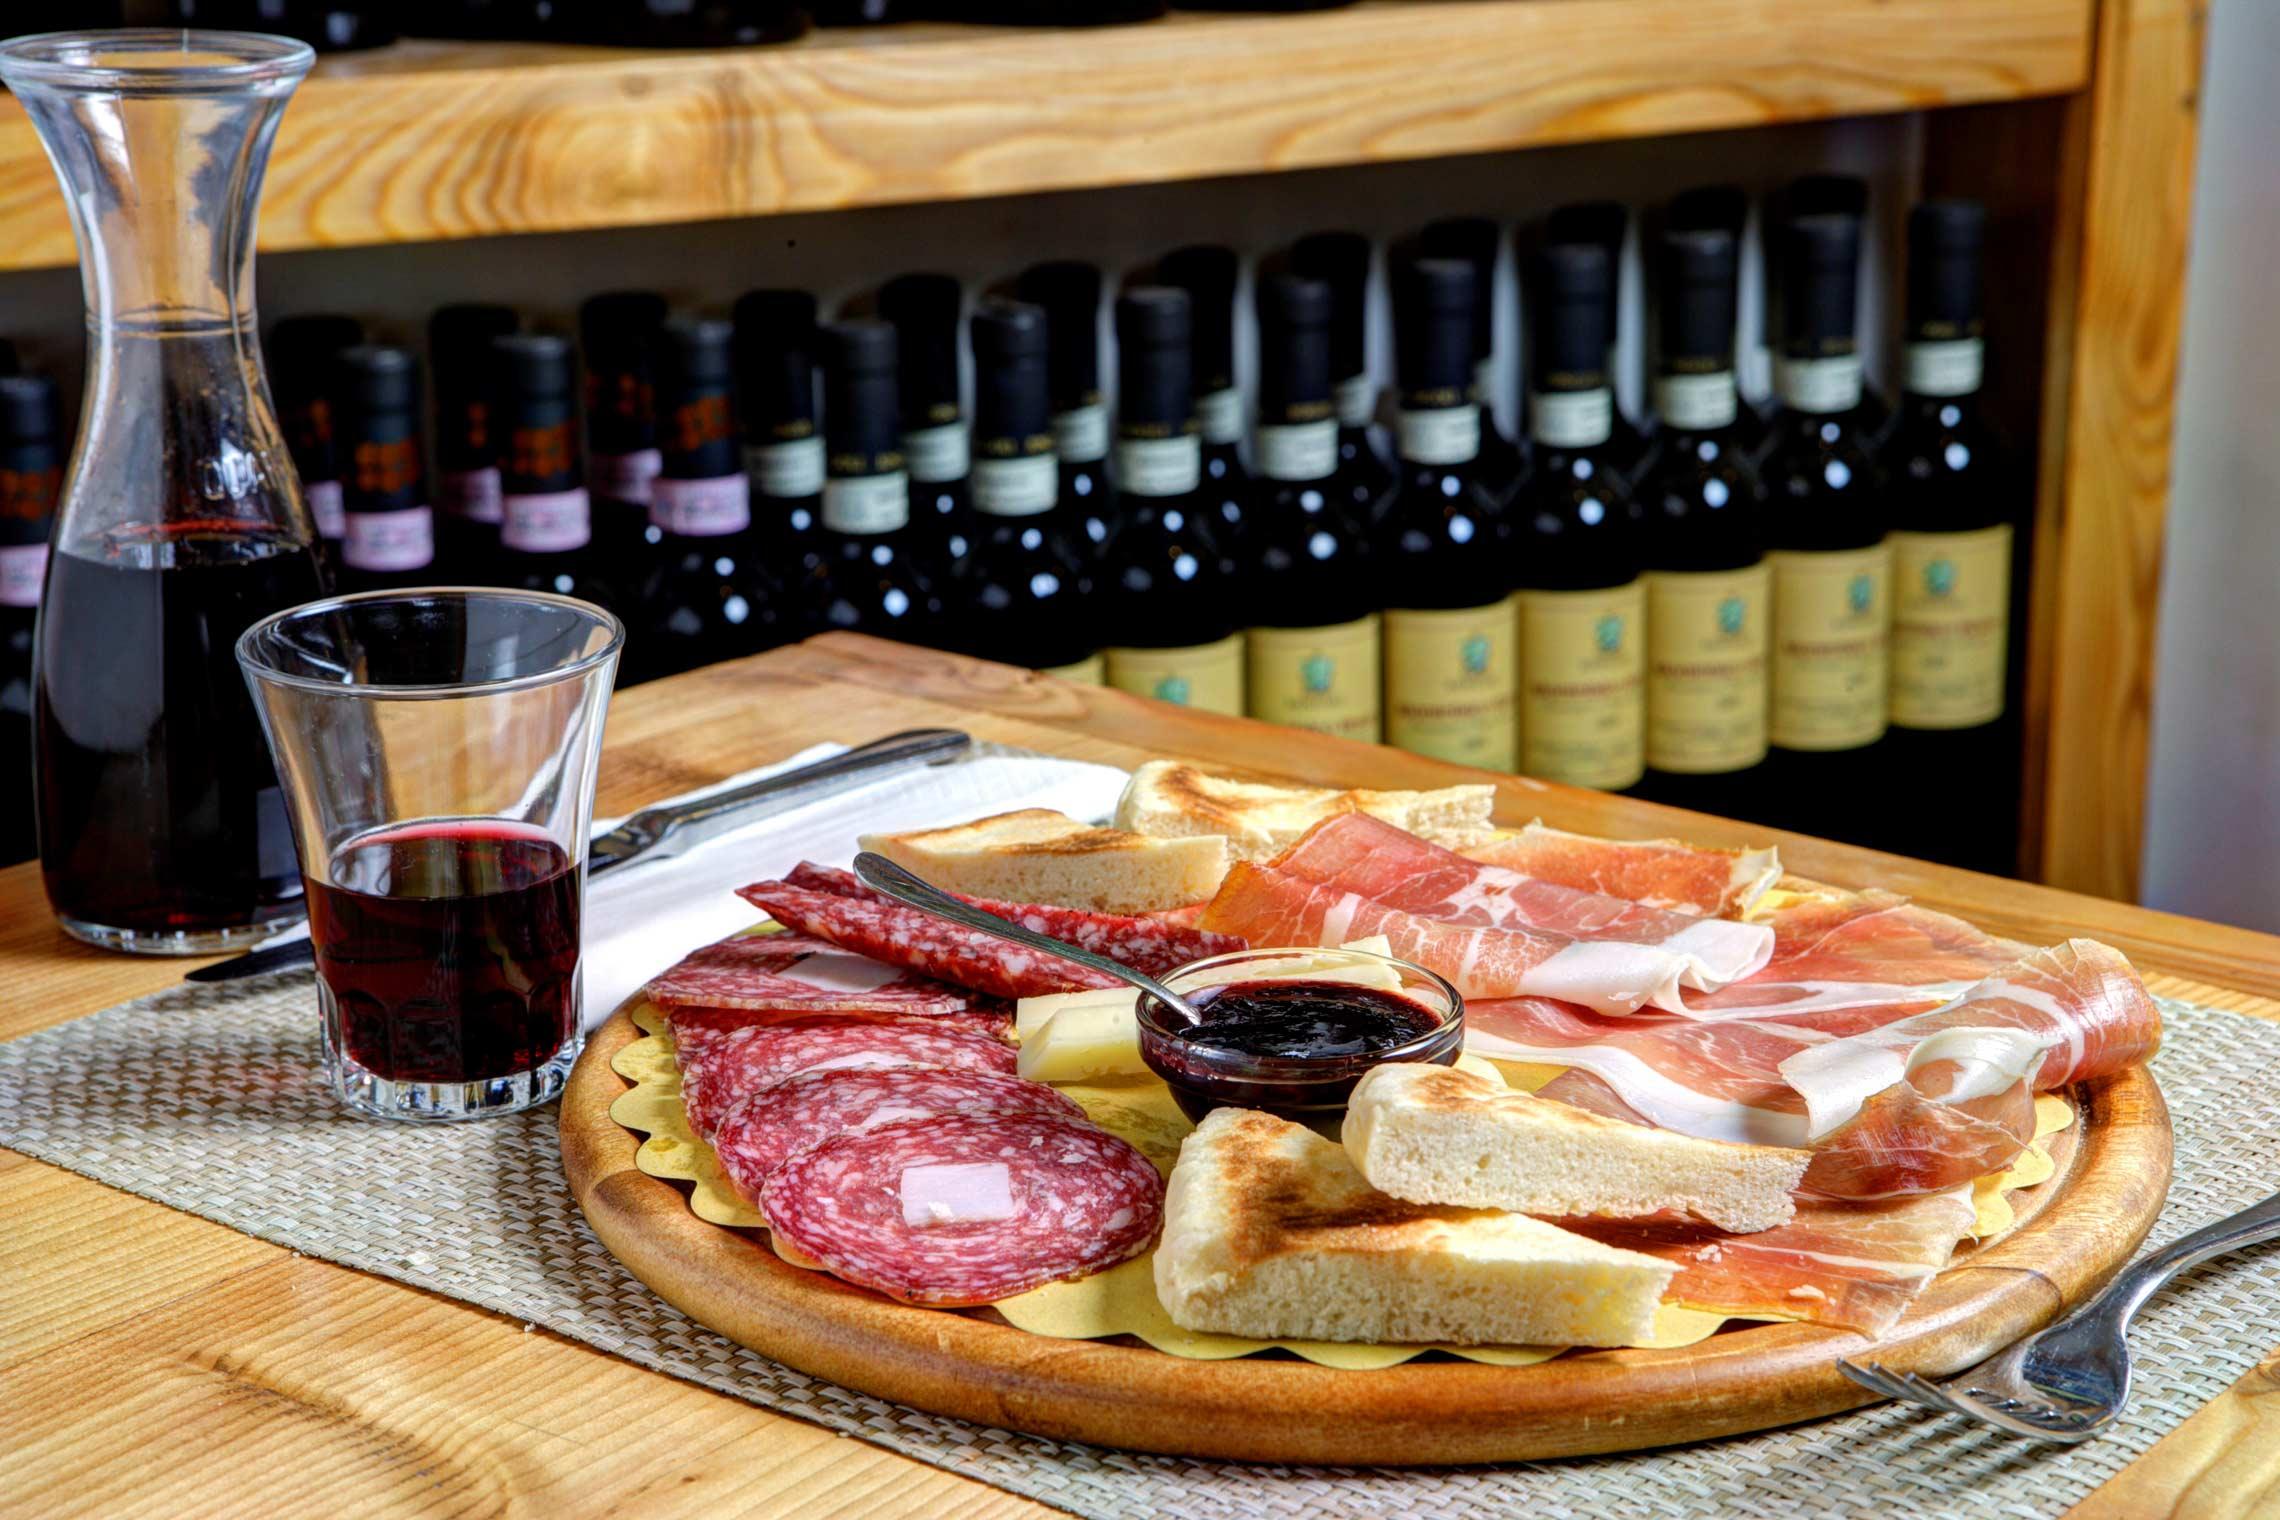 Soggiorno ad assisi con degustazione hotel properzio assisi for Soggiorno ad assisi